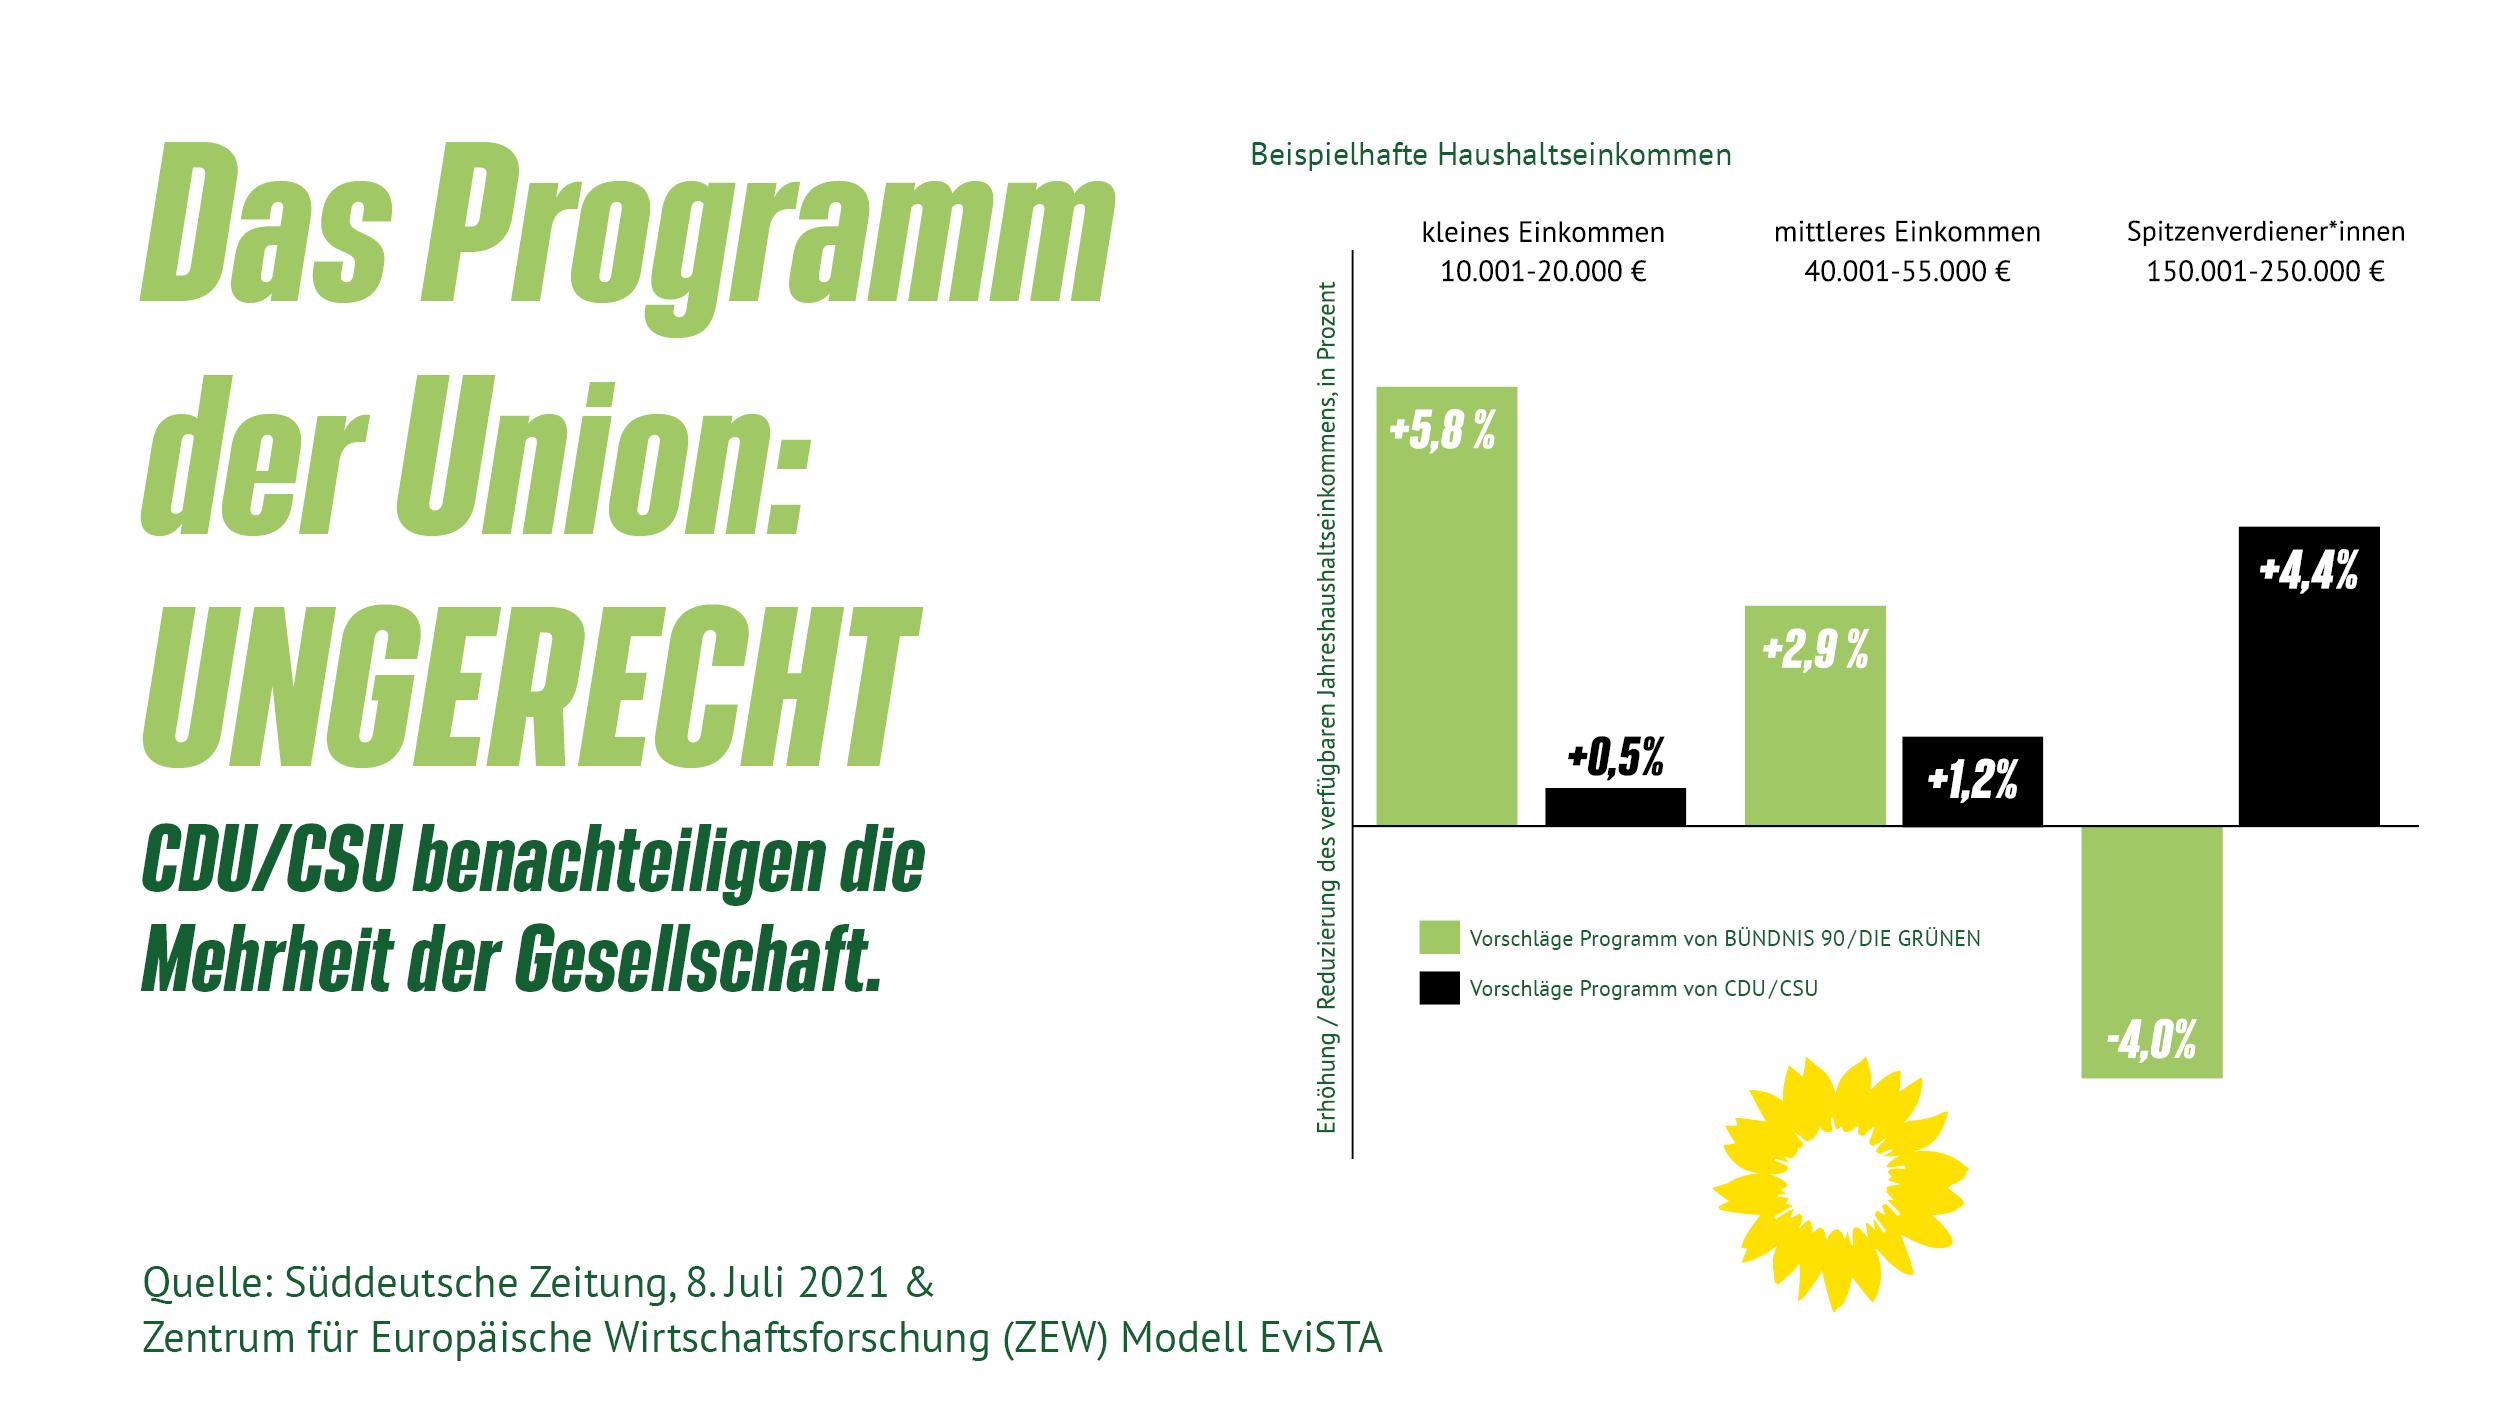 CDU/CSU benachteiligen die Mehrheit der Gesellschaft!